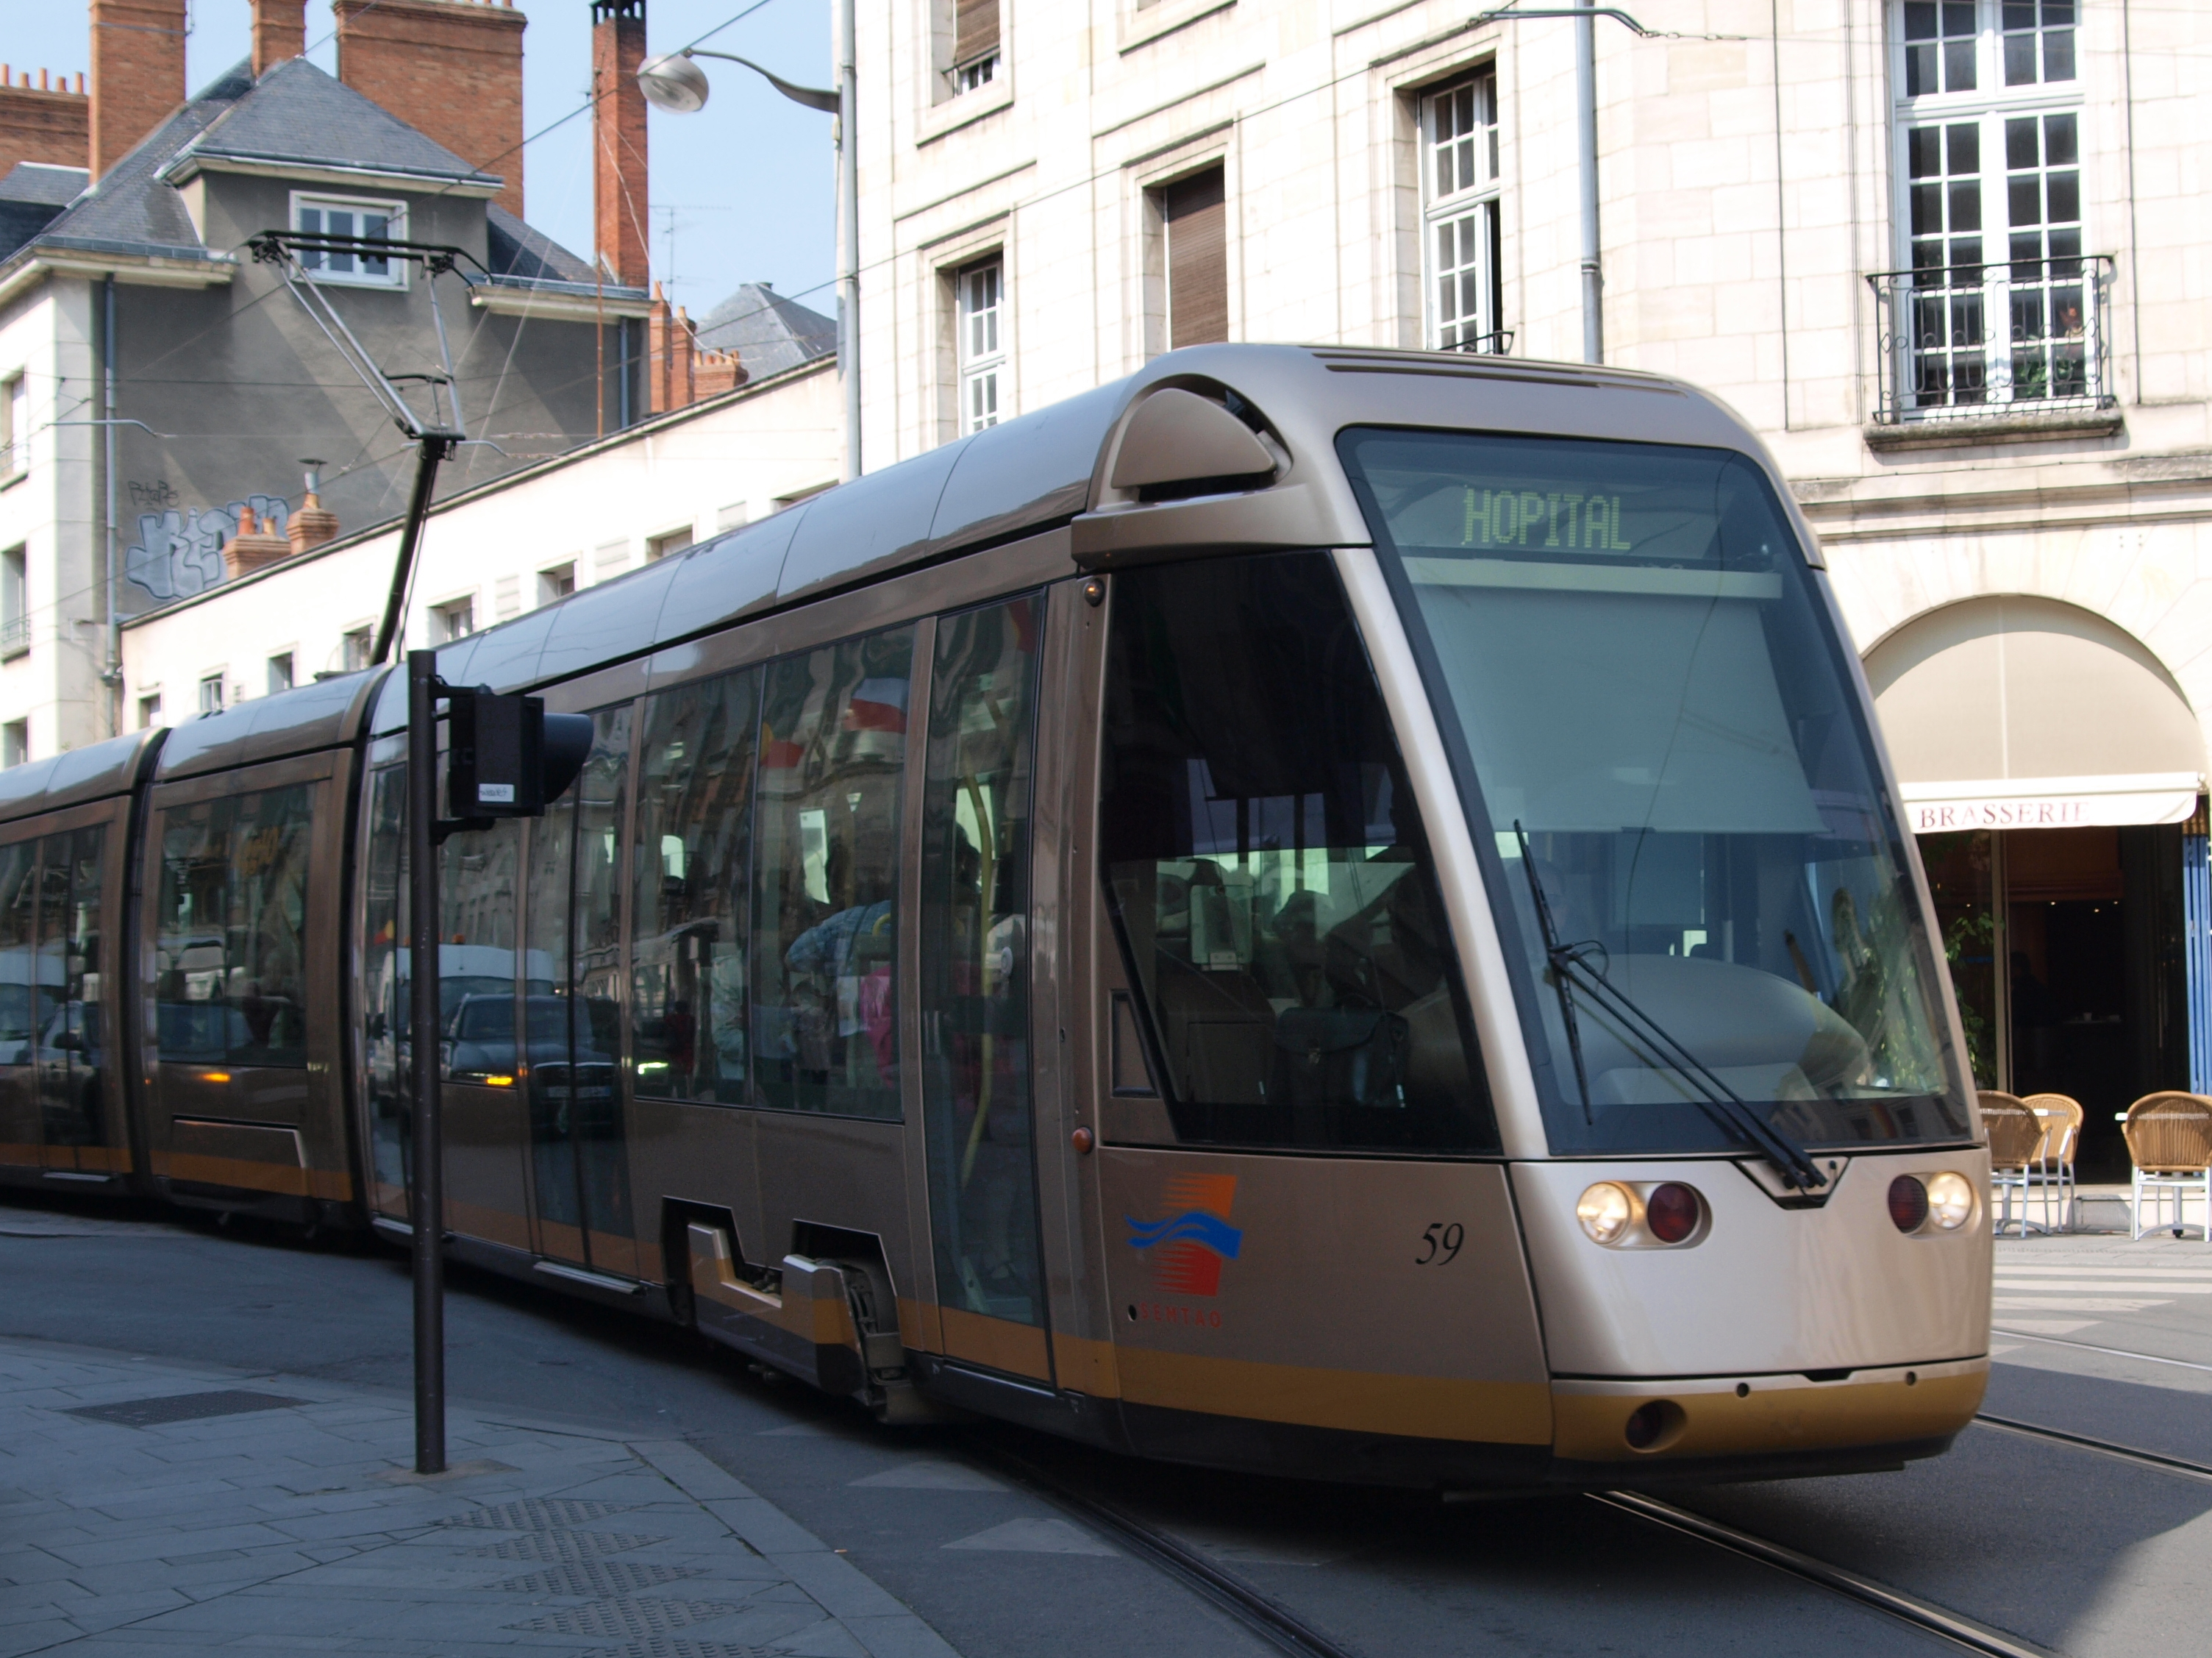 file tram at orleans france car 59 direction hopital jpg. Black Bedroom Furniture Sets. Home Design Ideas